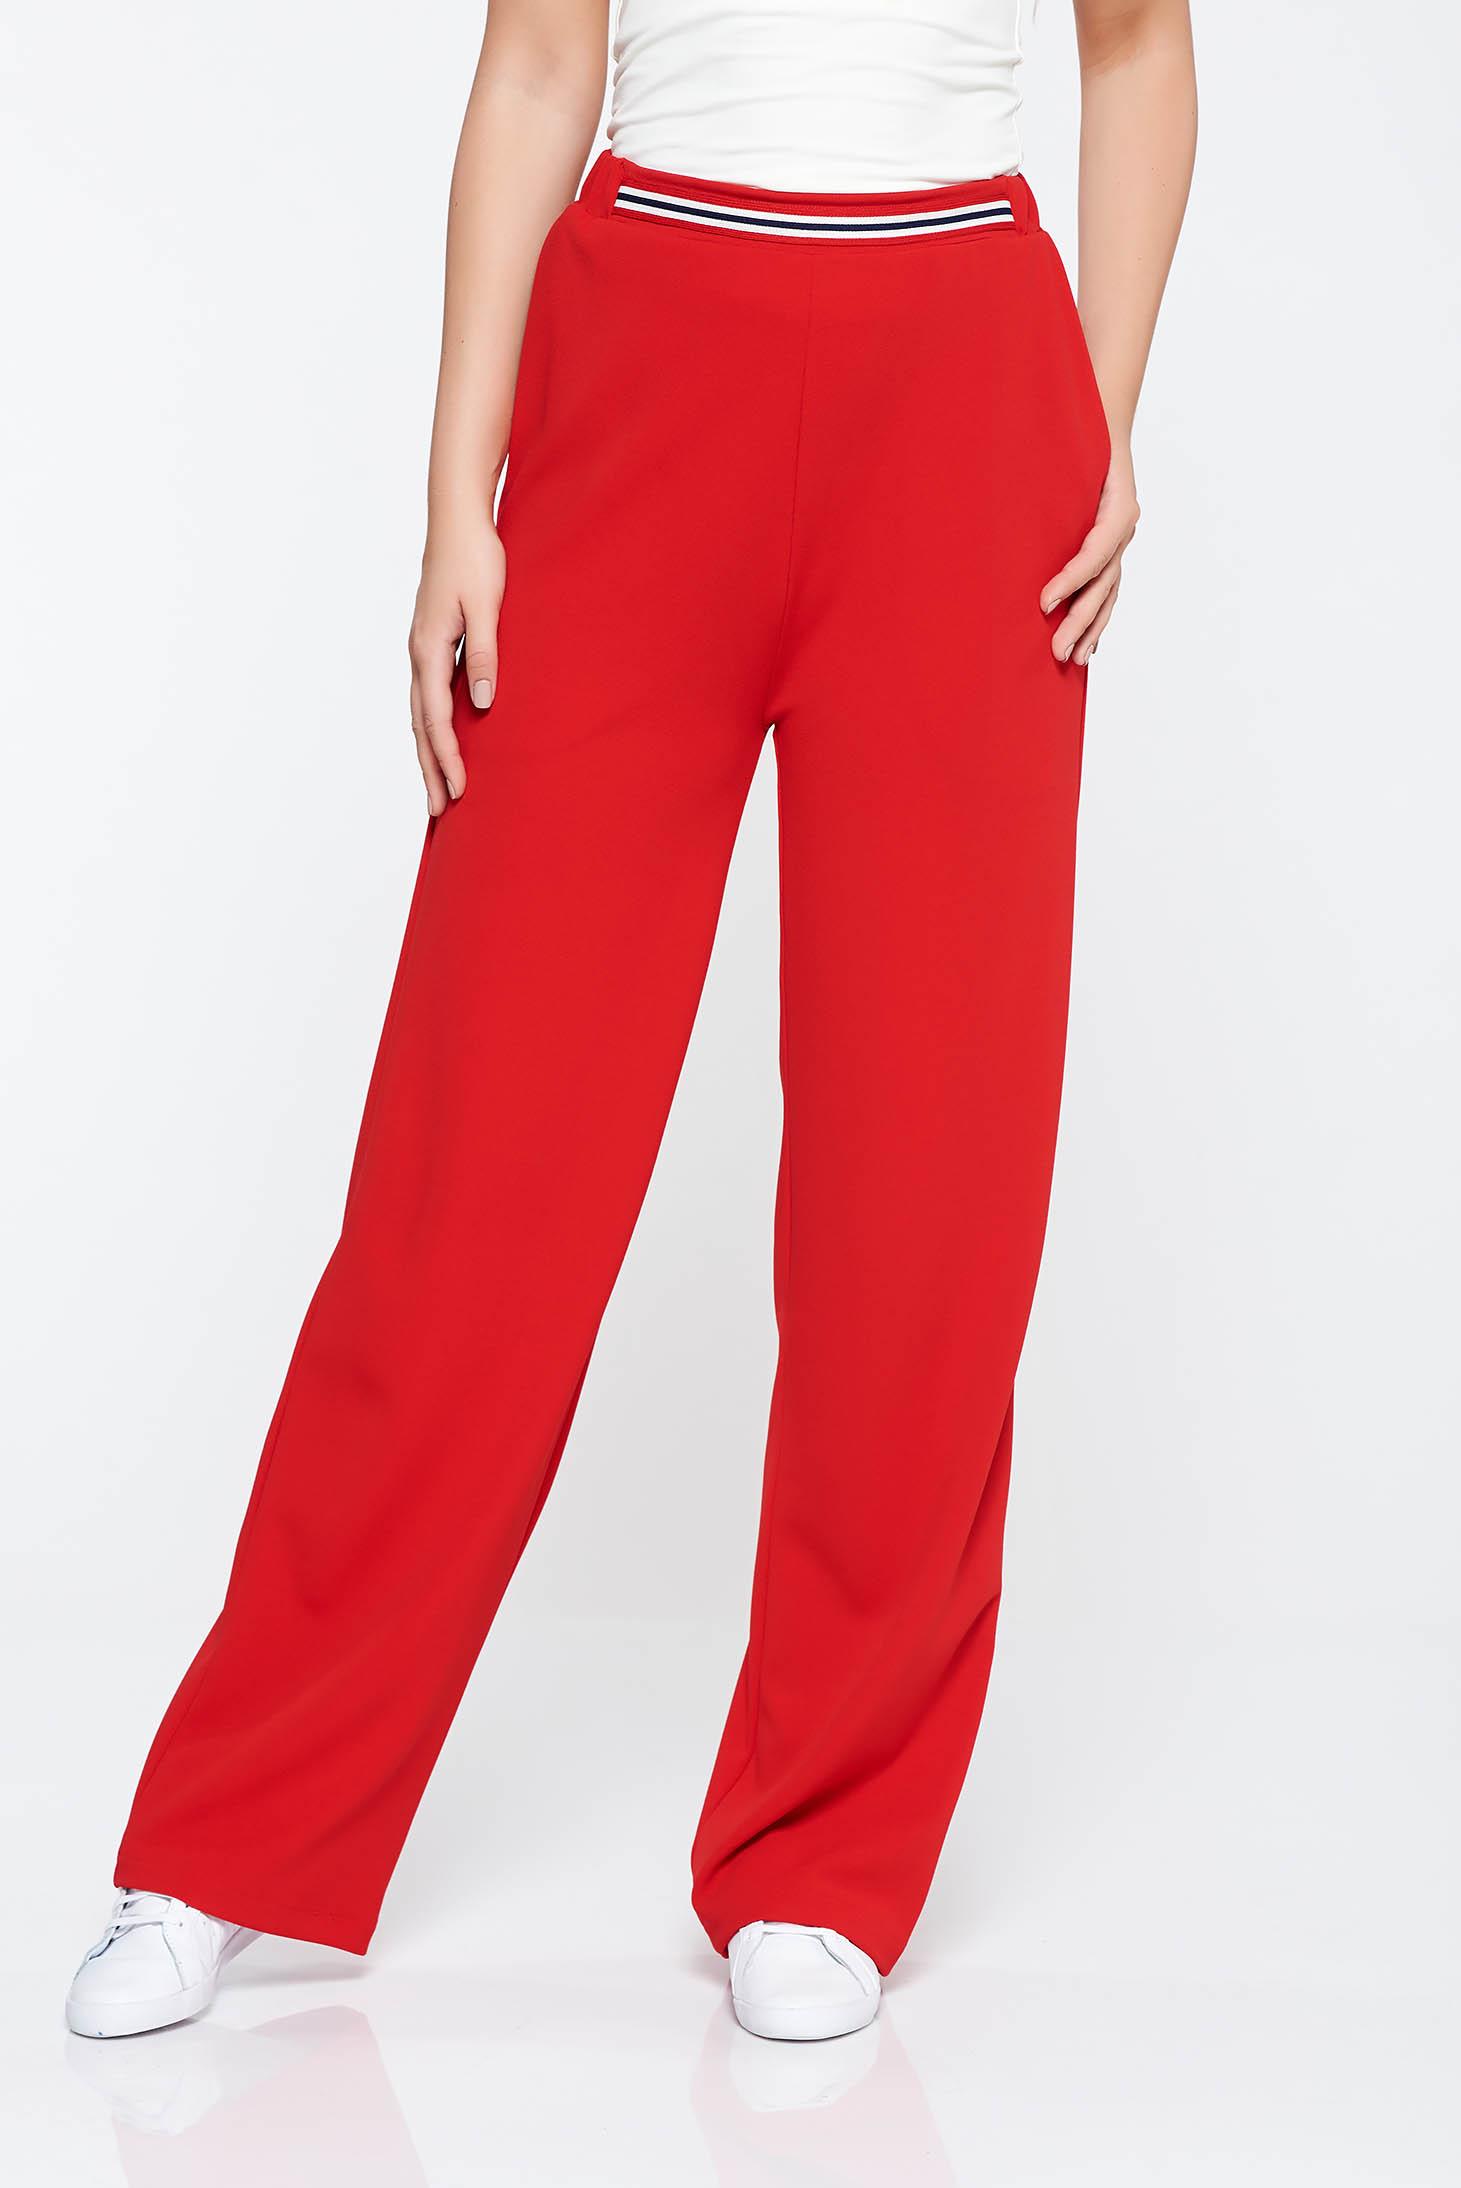 Piros StarShinerS casual bővülő nadrág rugalmas anyag zsebbel